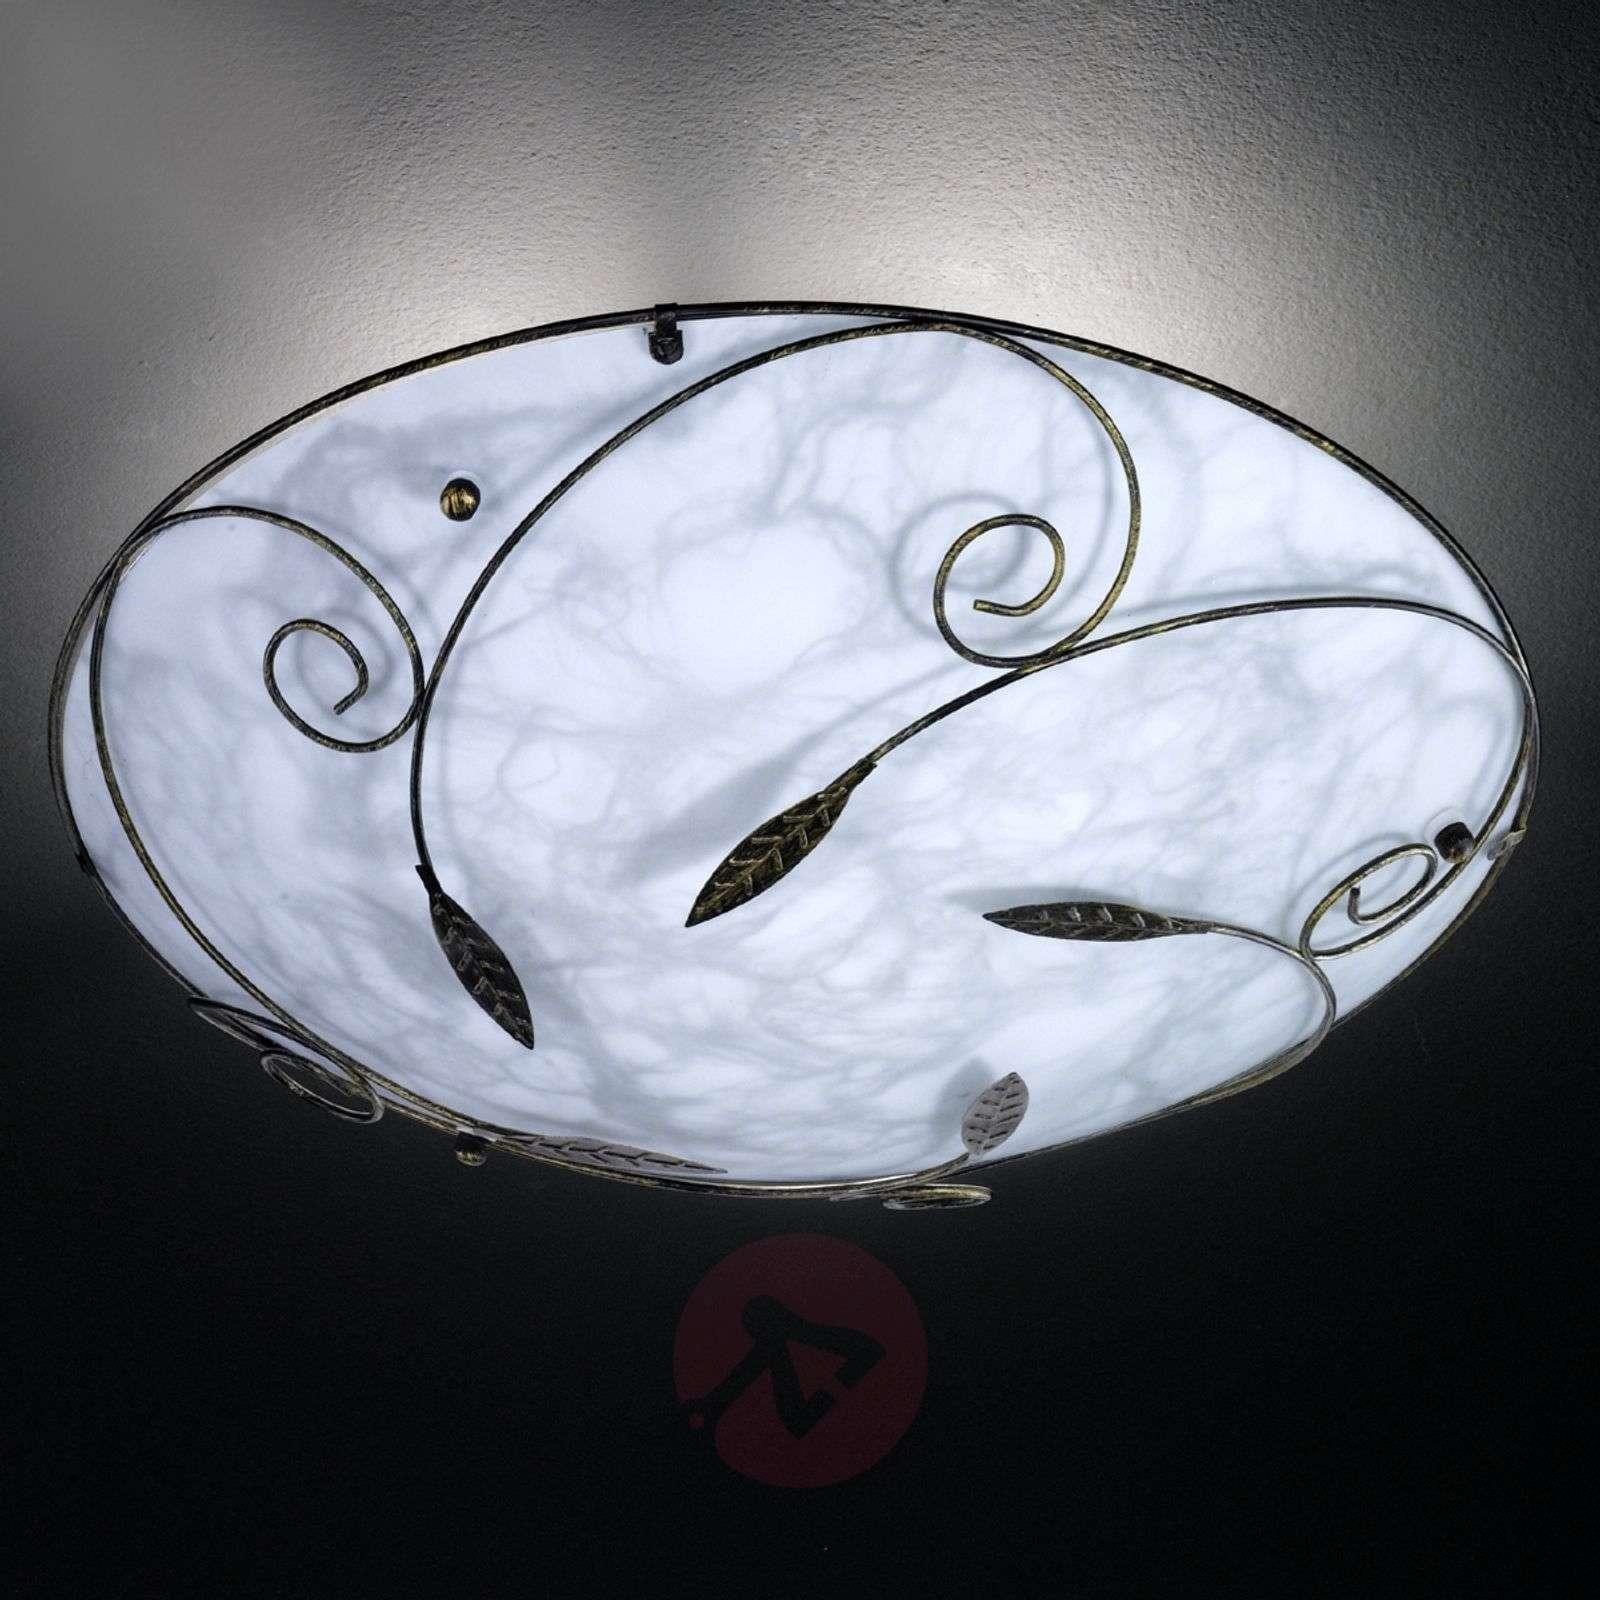 Marmoroitu kattovalaisin MOL metallikoristelulla-4580087-01